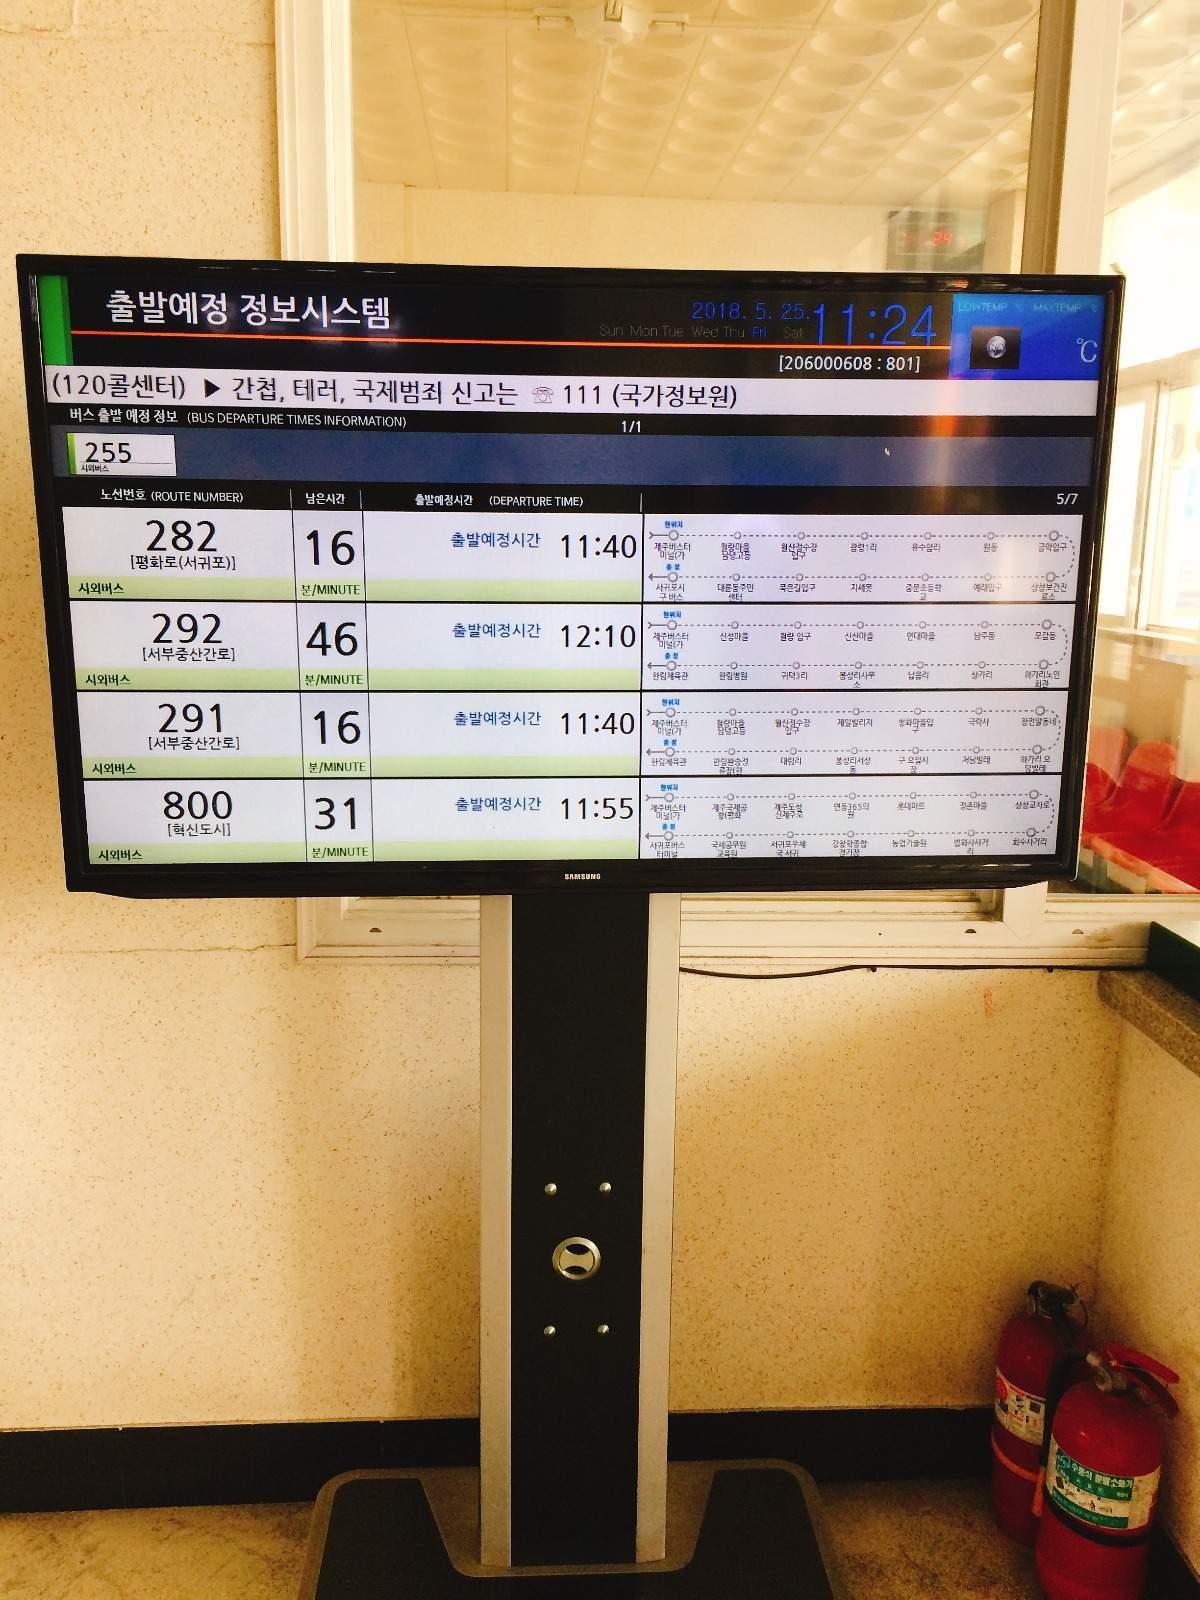 櫃台方的電視亦有顯示快要出發的車輛號碼,韓國的巴士開車時間都很準時,所以一定要看準時間,不要錯過喔!